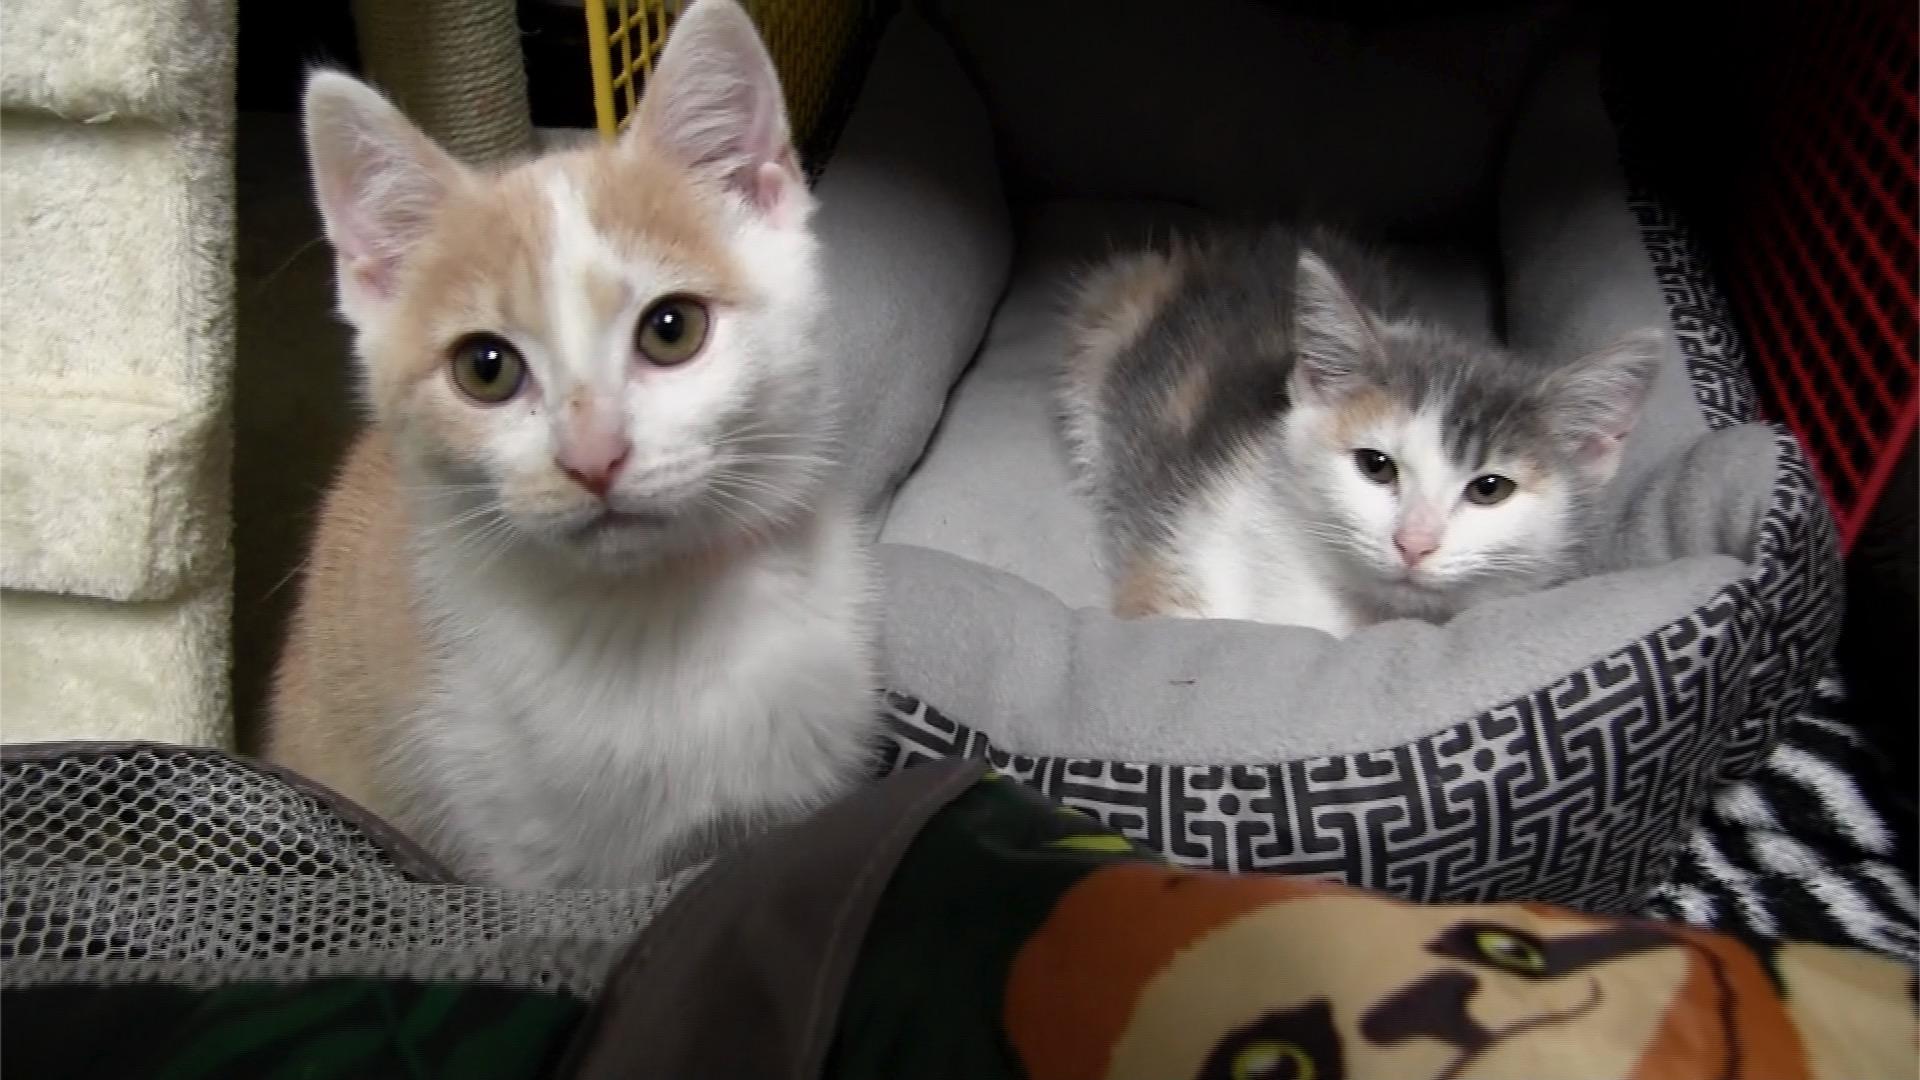 Kitten Season in Full Swing